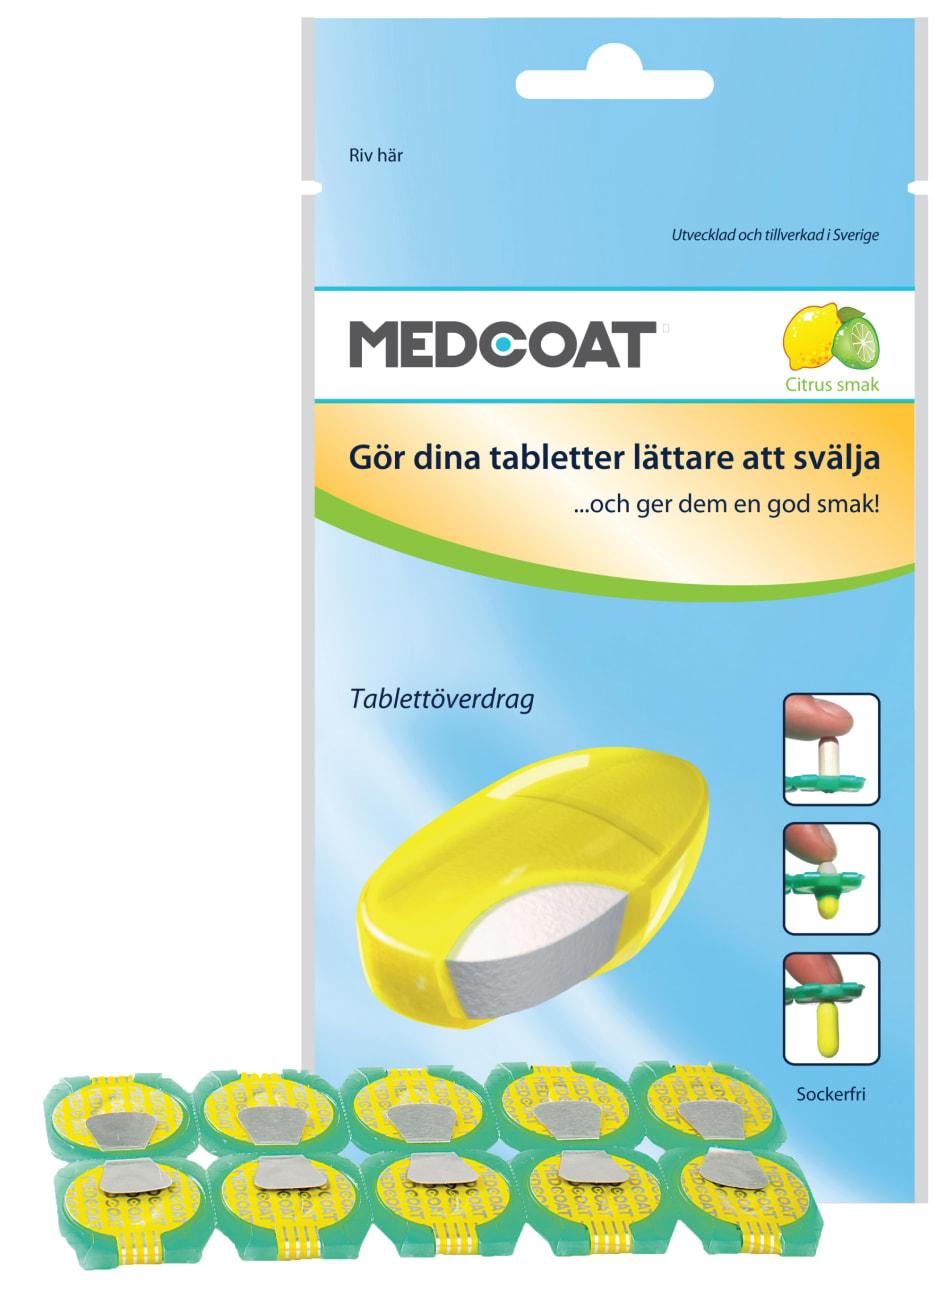 2d2c9b72 Apoteket AB introducerar: Välsmakande överdrag hjälper barn att svälja  medicin